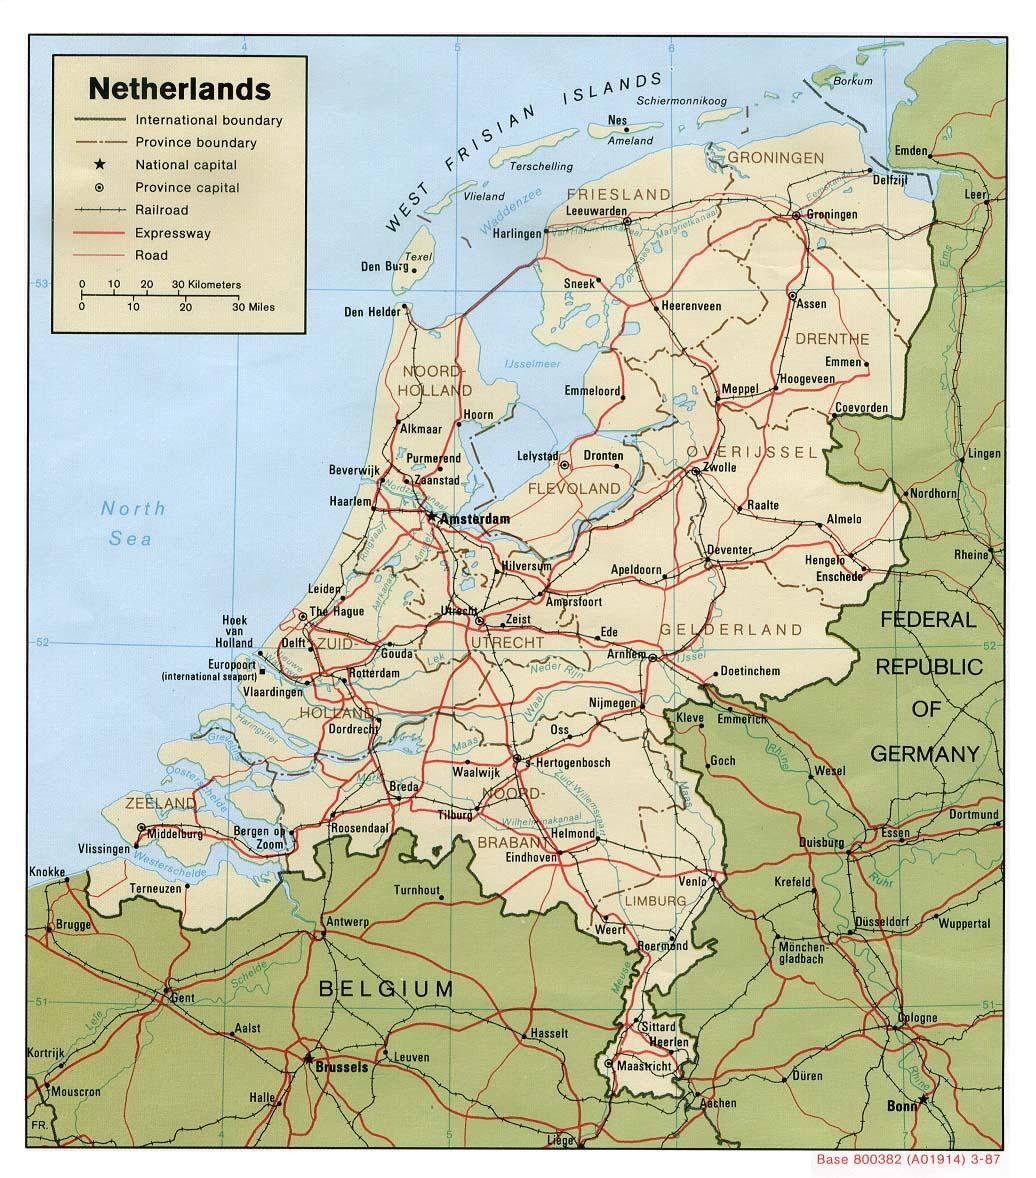 Carte géopolitique des Pays-Bas